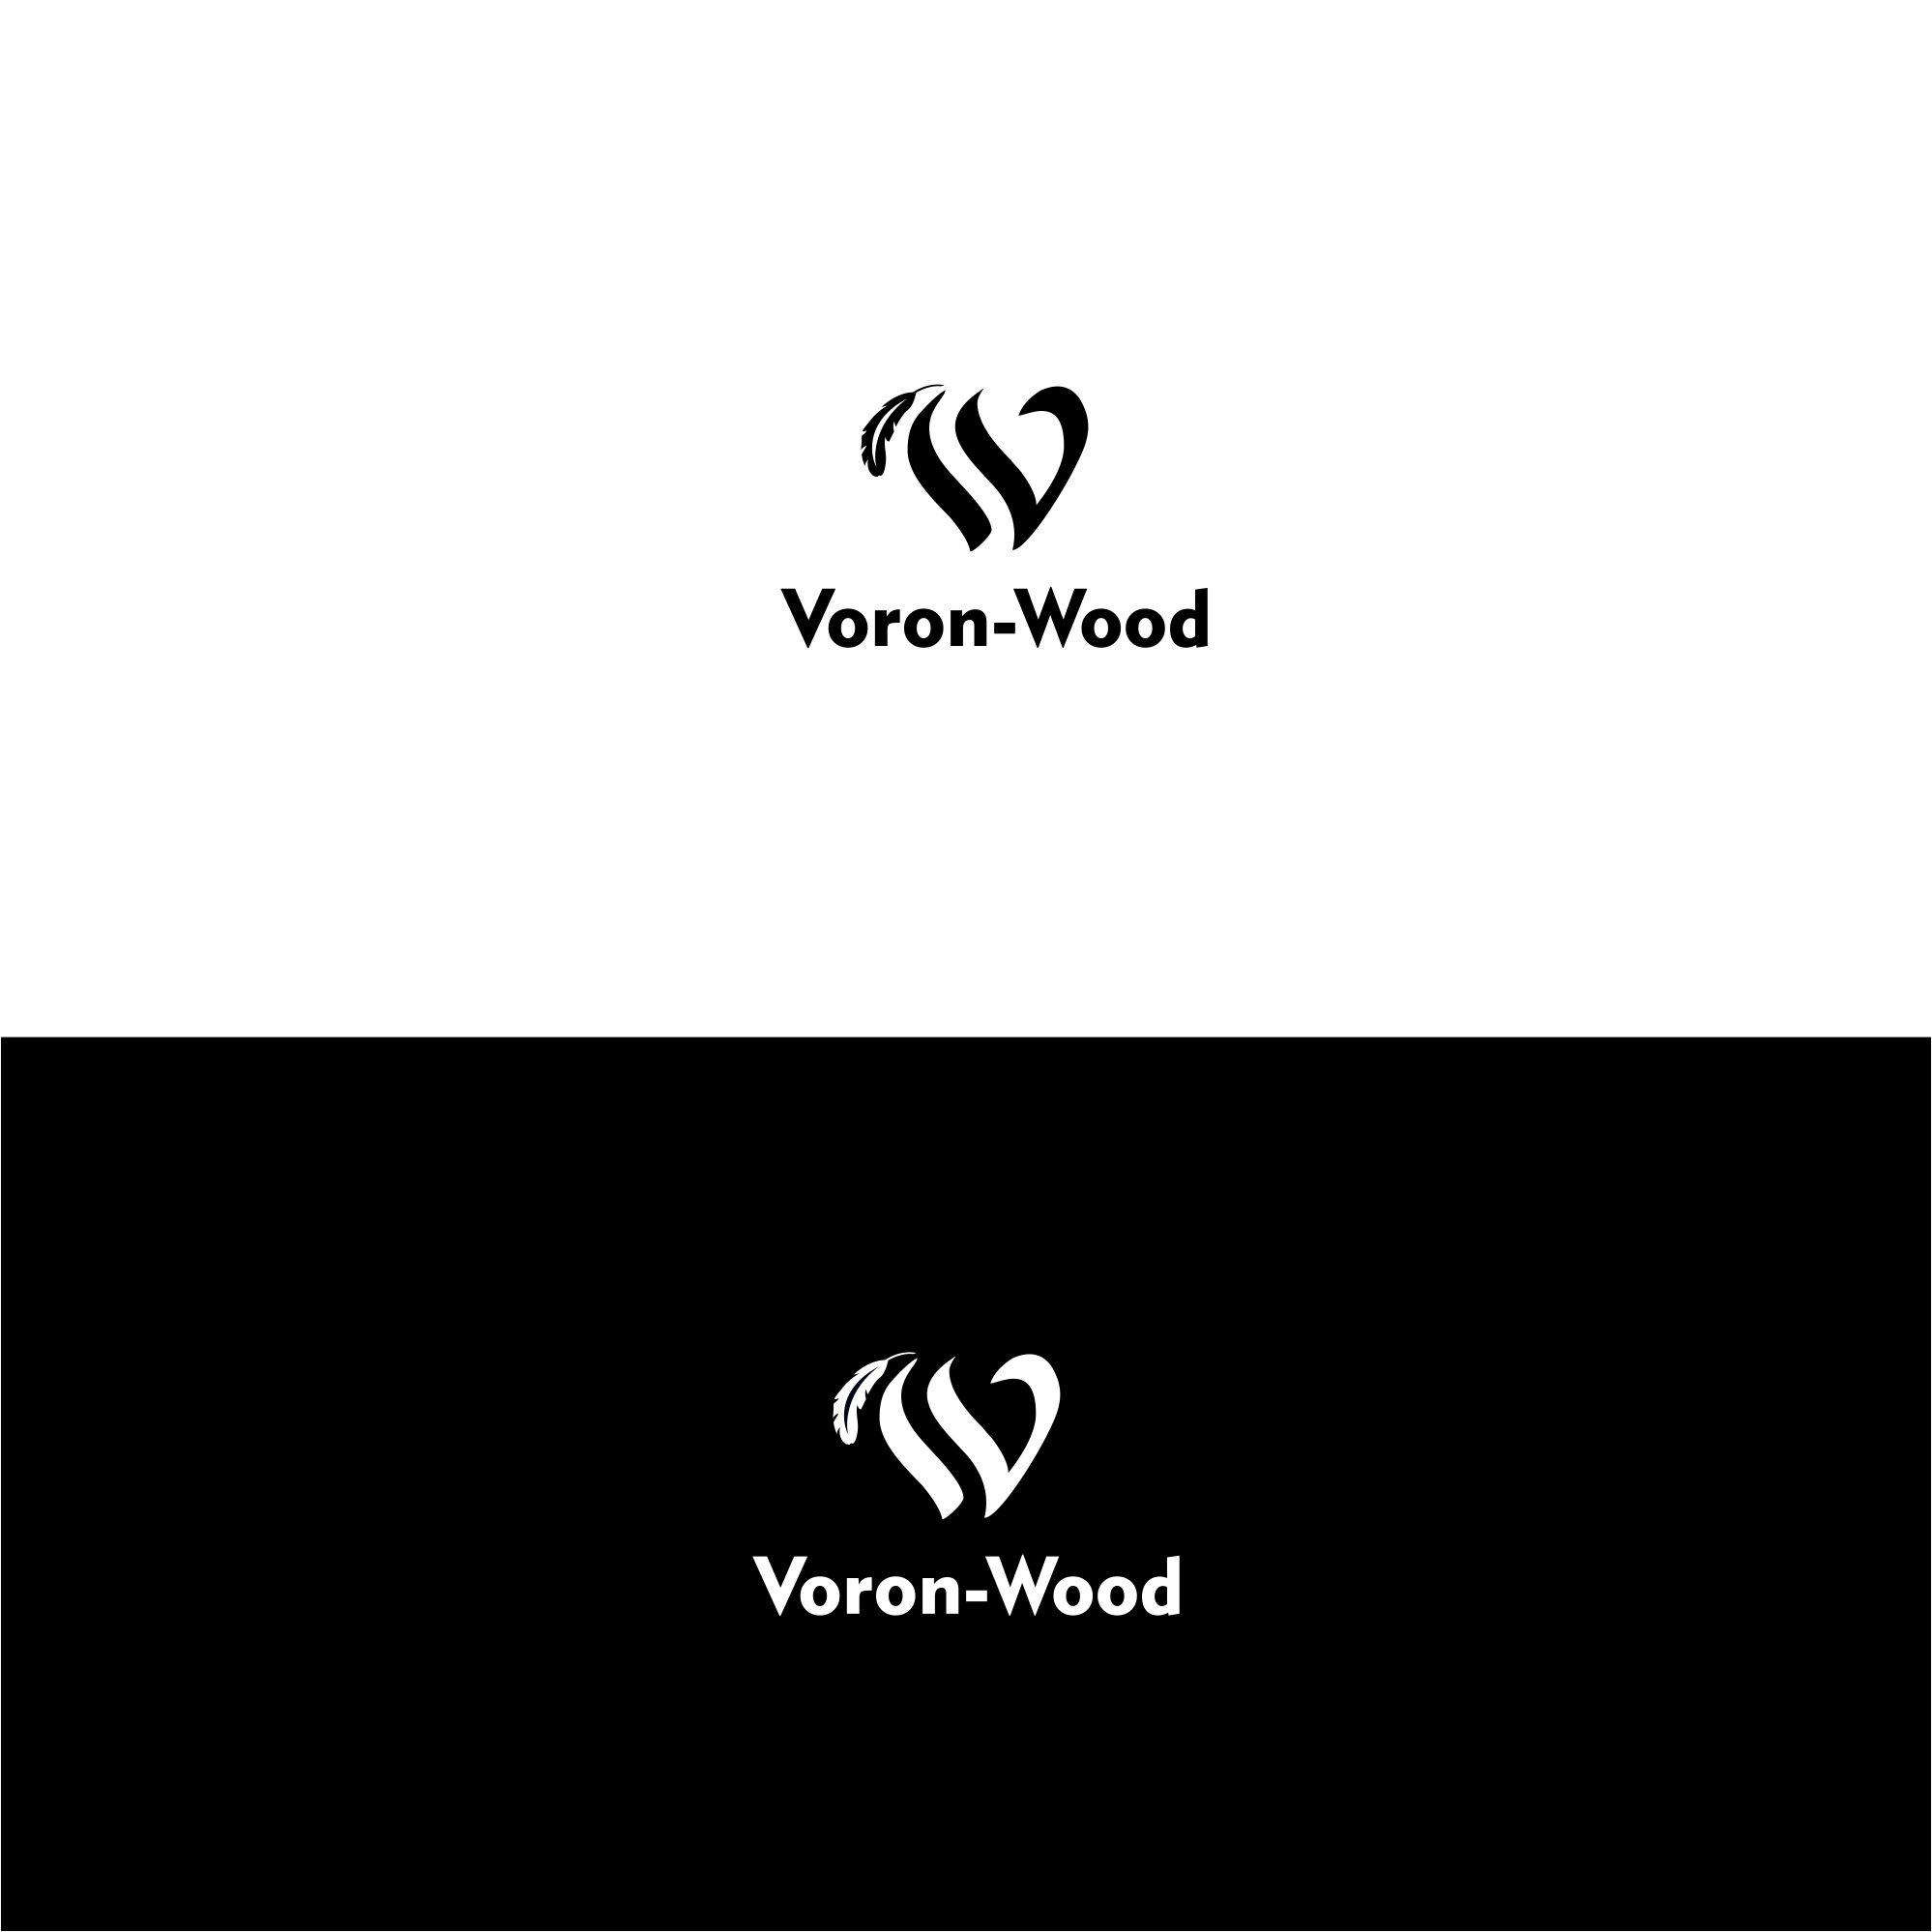 Логотип для Voron-Wood - дизайнер serz4868